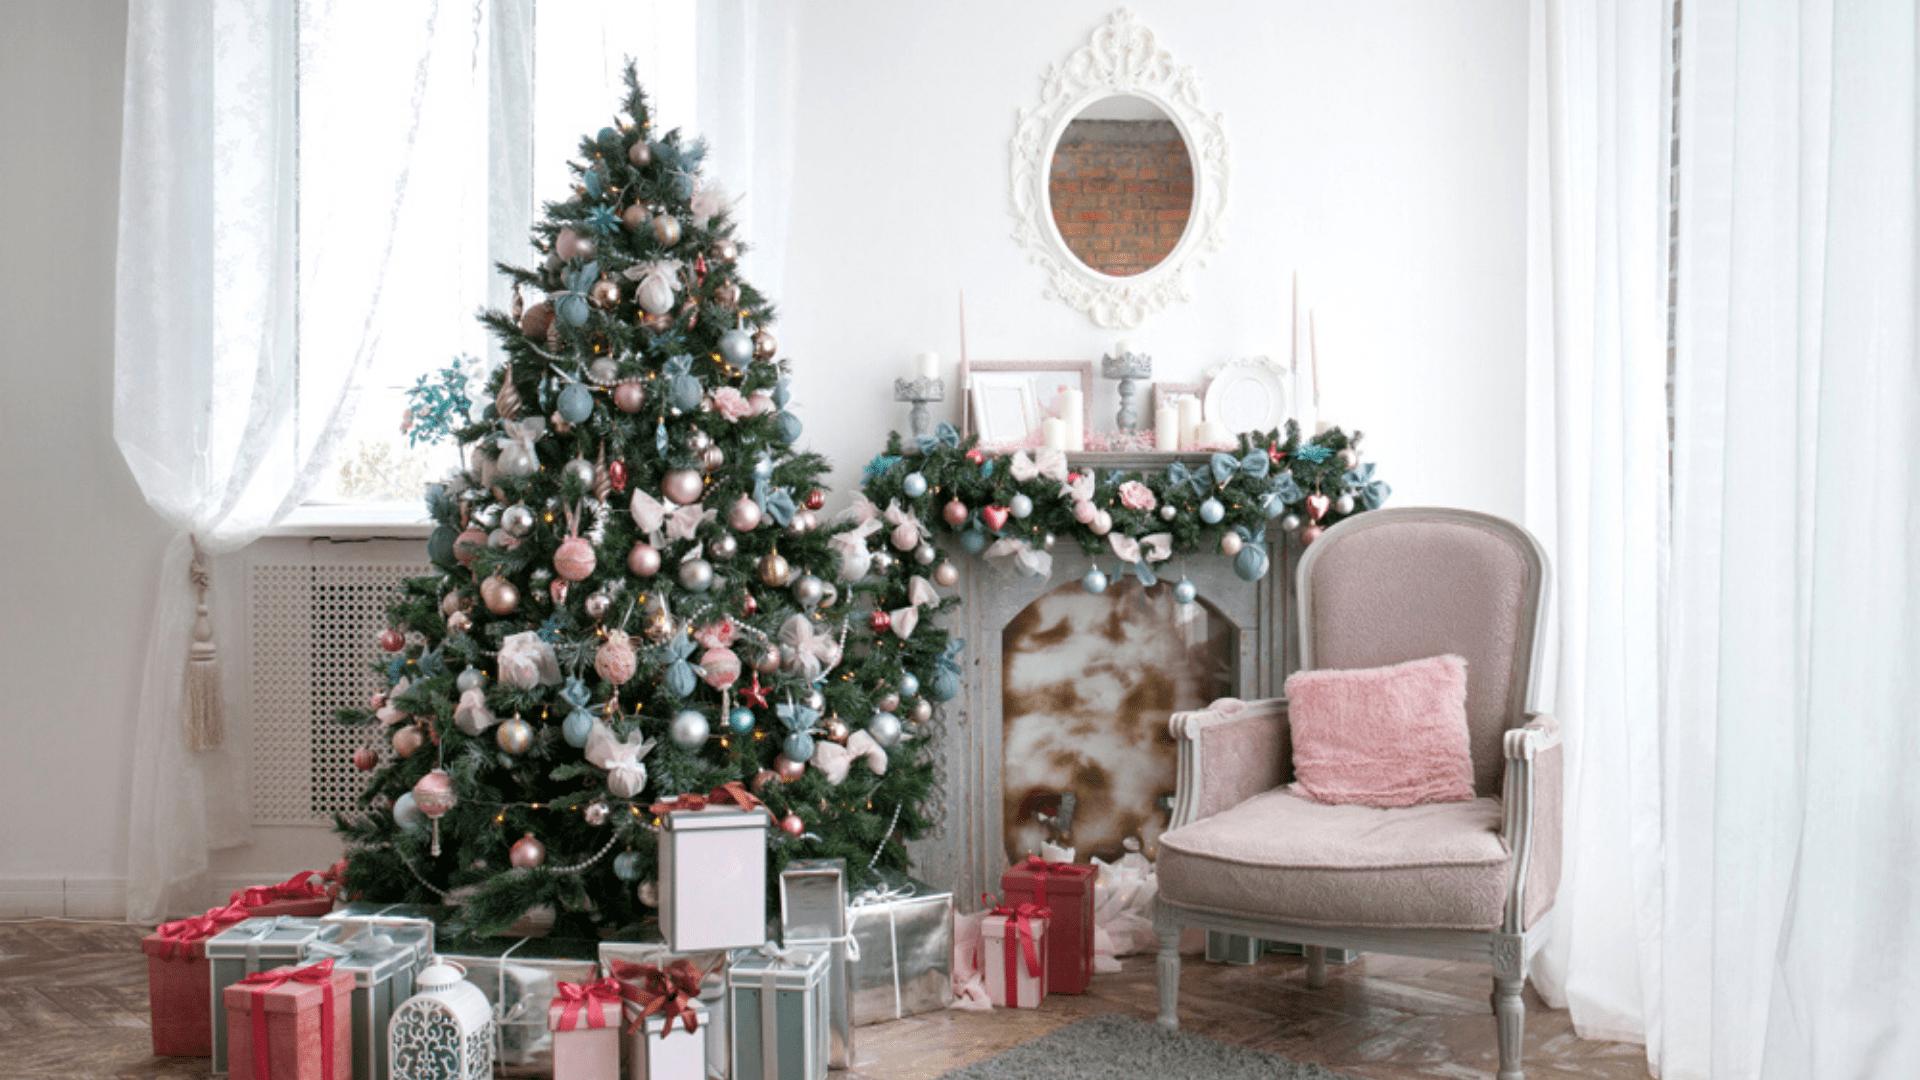 Árvore de Natal azul e rosa (Imagem: Reprodução/Shutterstock)